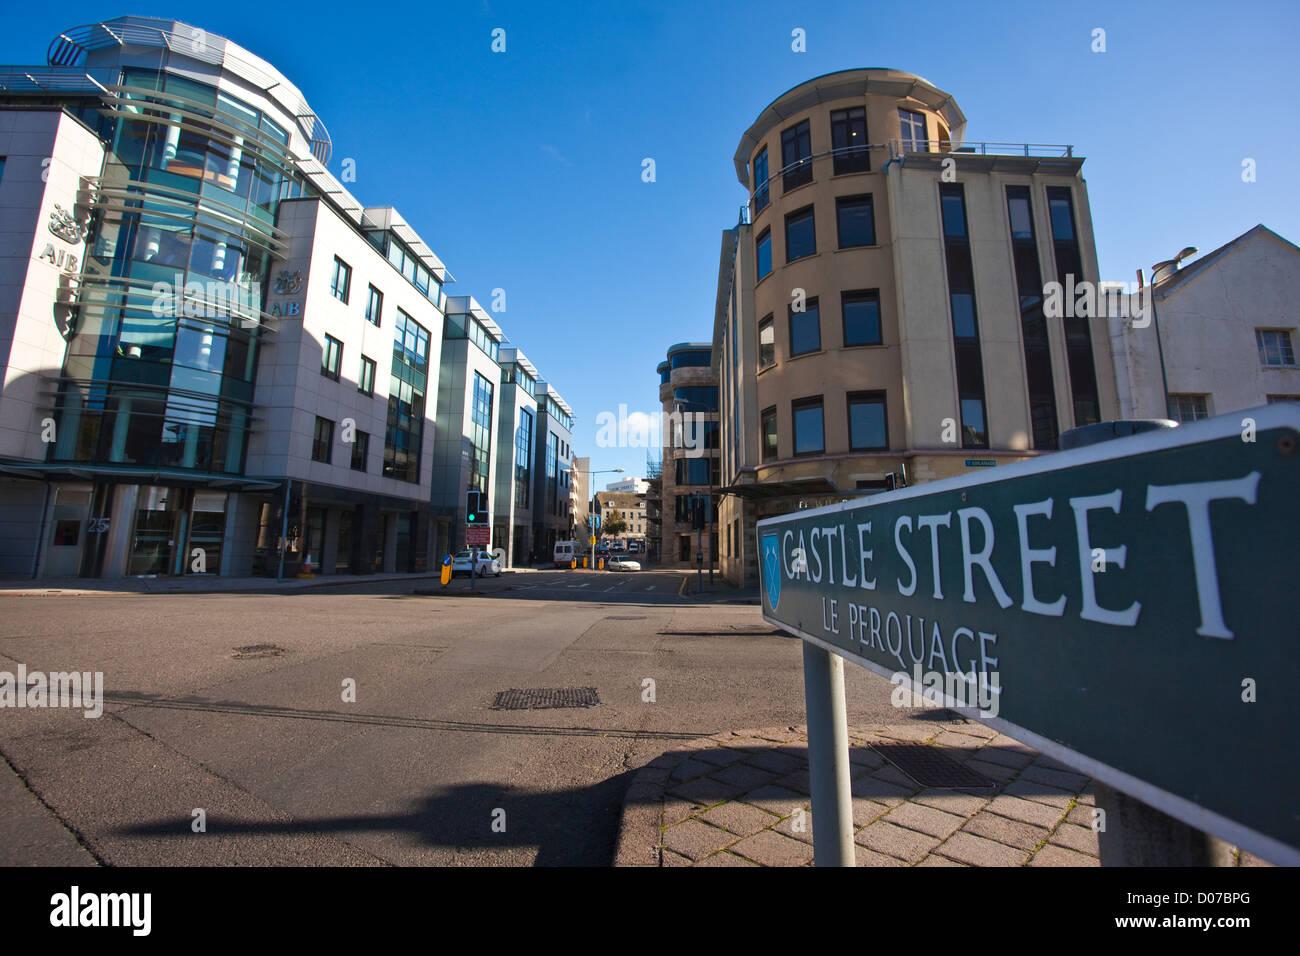 Castle Street, St Helier, Jersey - Stock Image